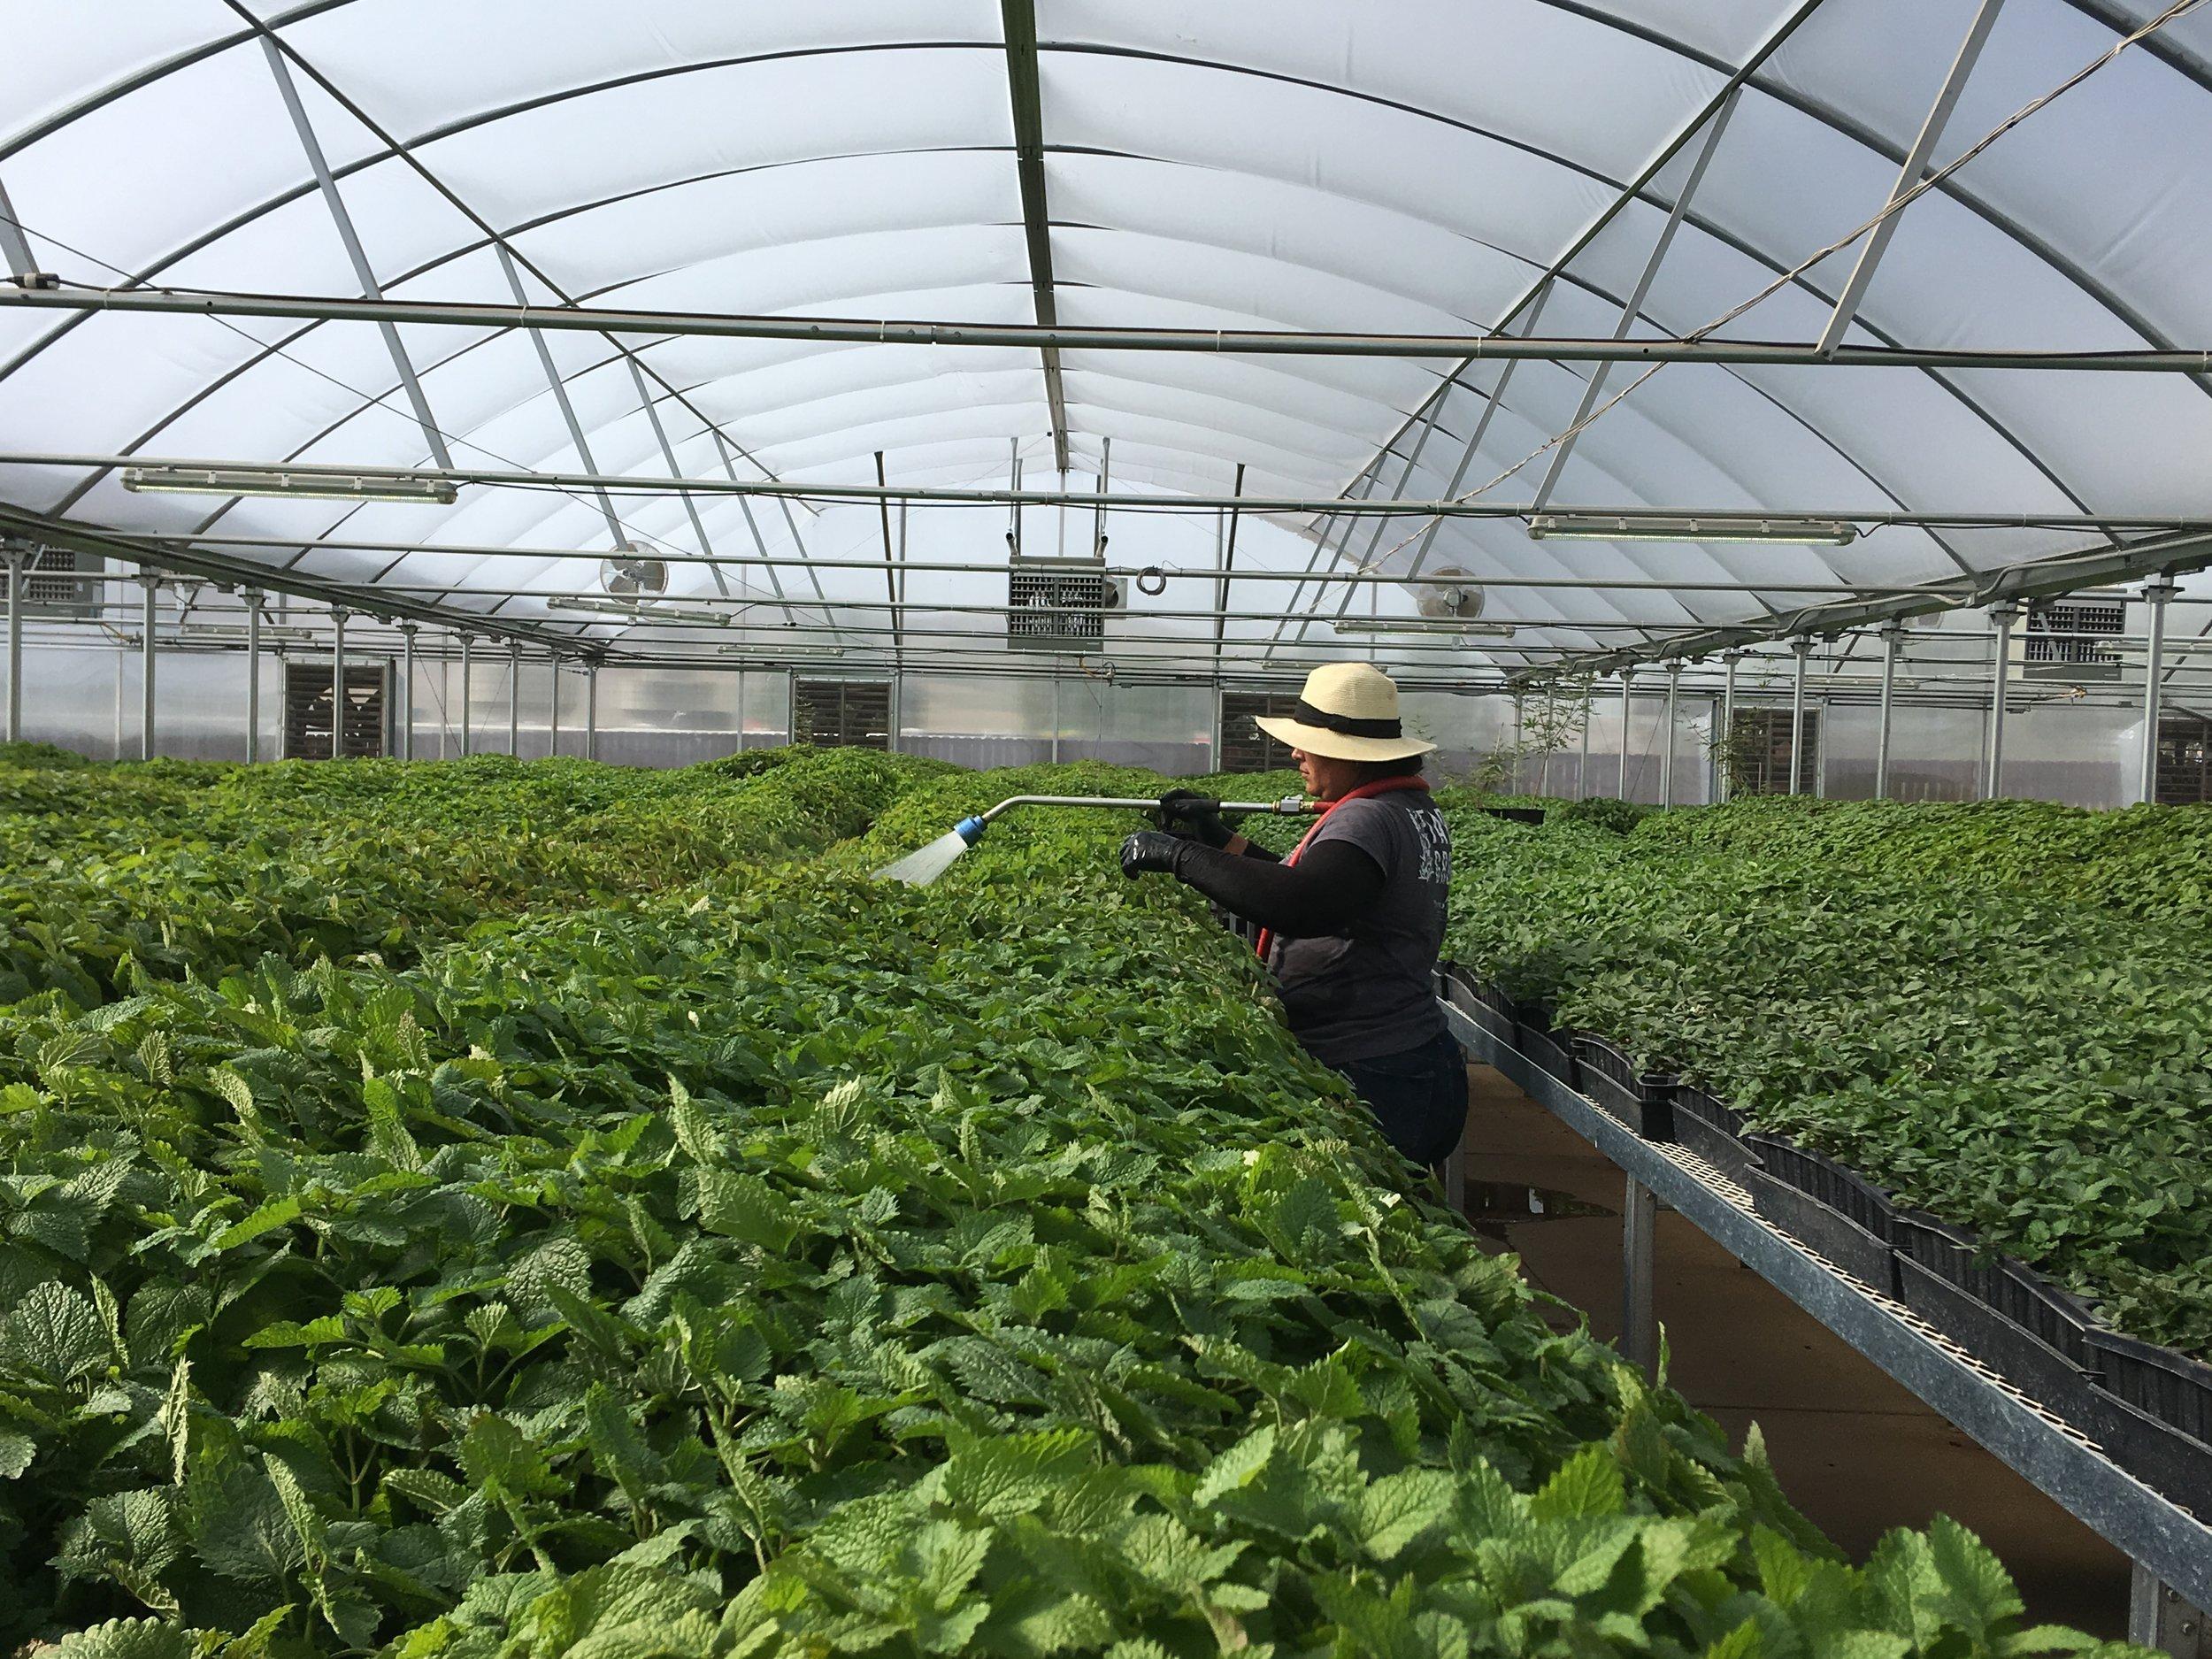 ferme de Mona dans l'Utah, plants de Mélisse qui se font chouchouter avant d'être plantés en pleine terre (c'est moi qui ai pris cette photo car oui j'ai aussi voulu voir ailleurs qu'à Simiane)